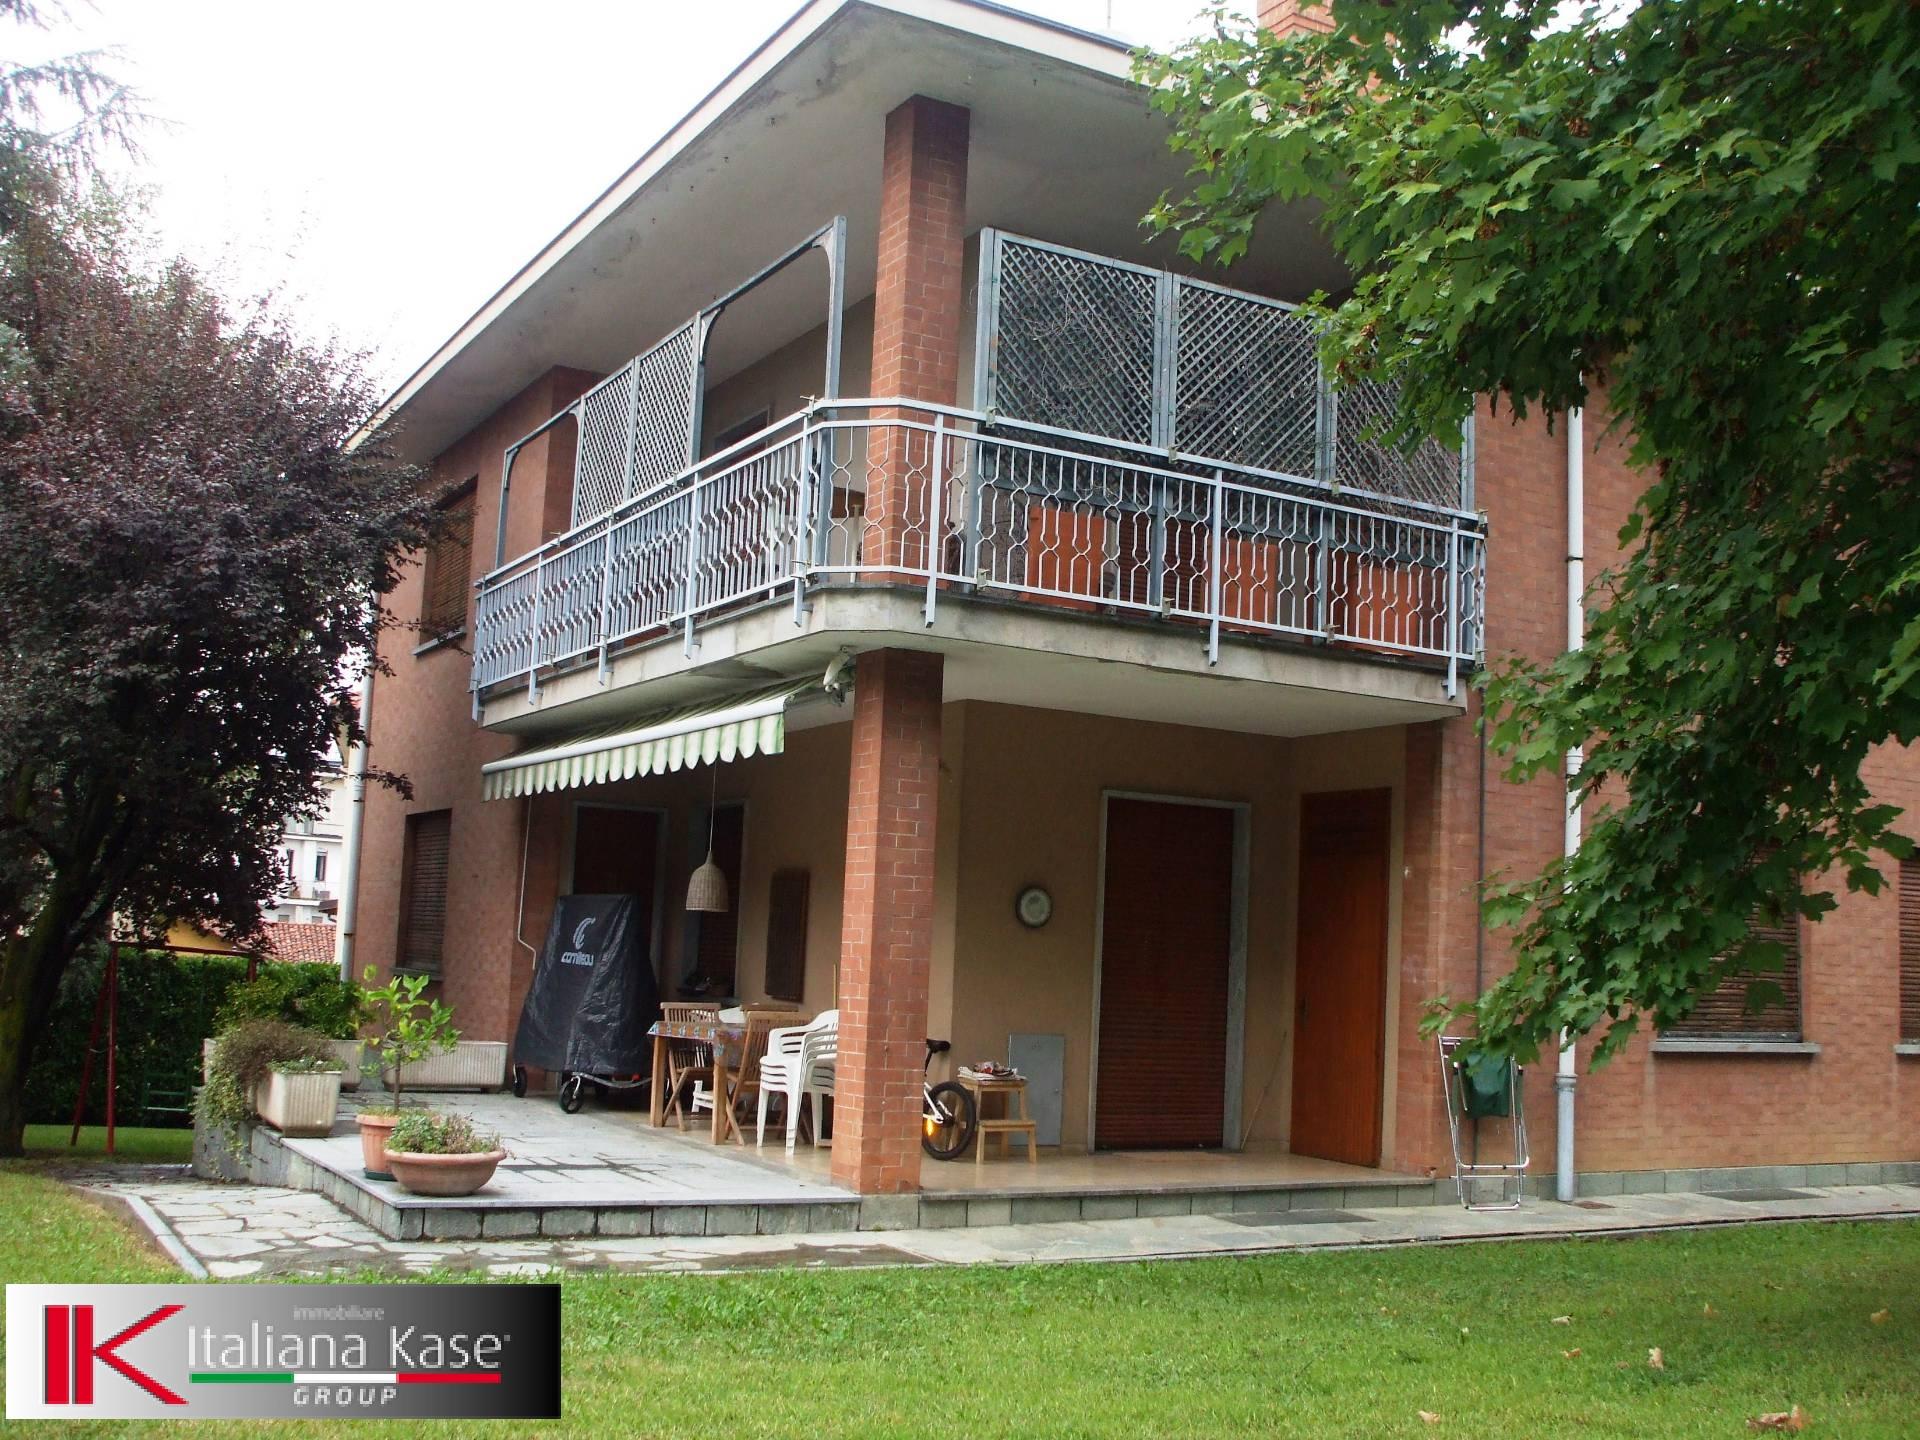 Appartamento in affitto a Gassino Torinese, 5 locali, zona Località: GassinoTorinese, prezzo € 990 | CambioCasa.it